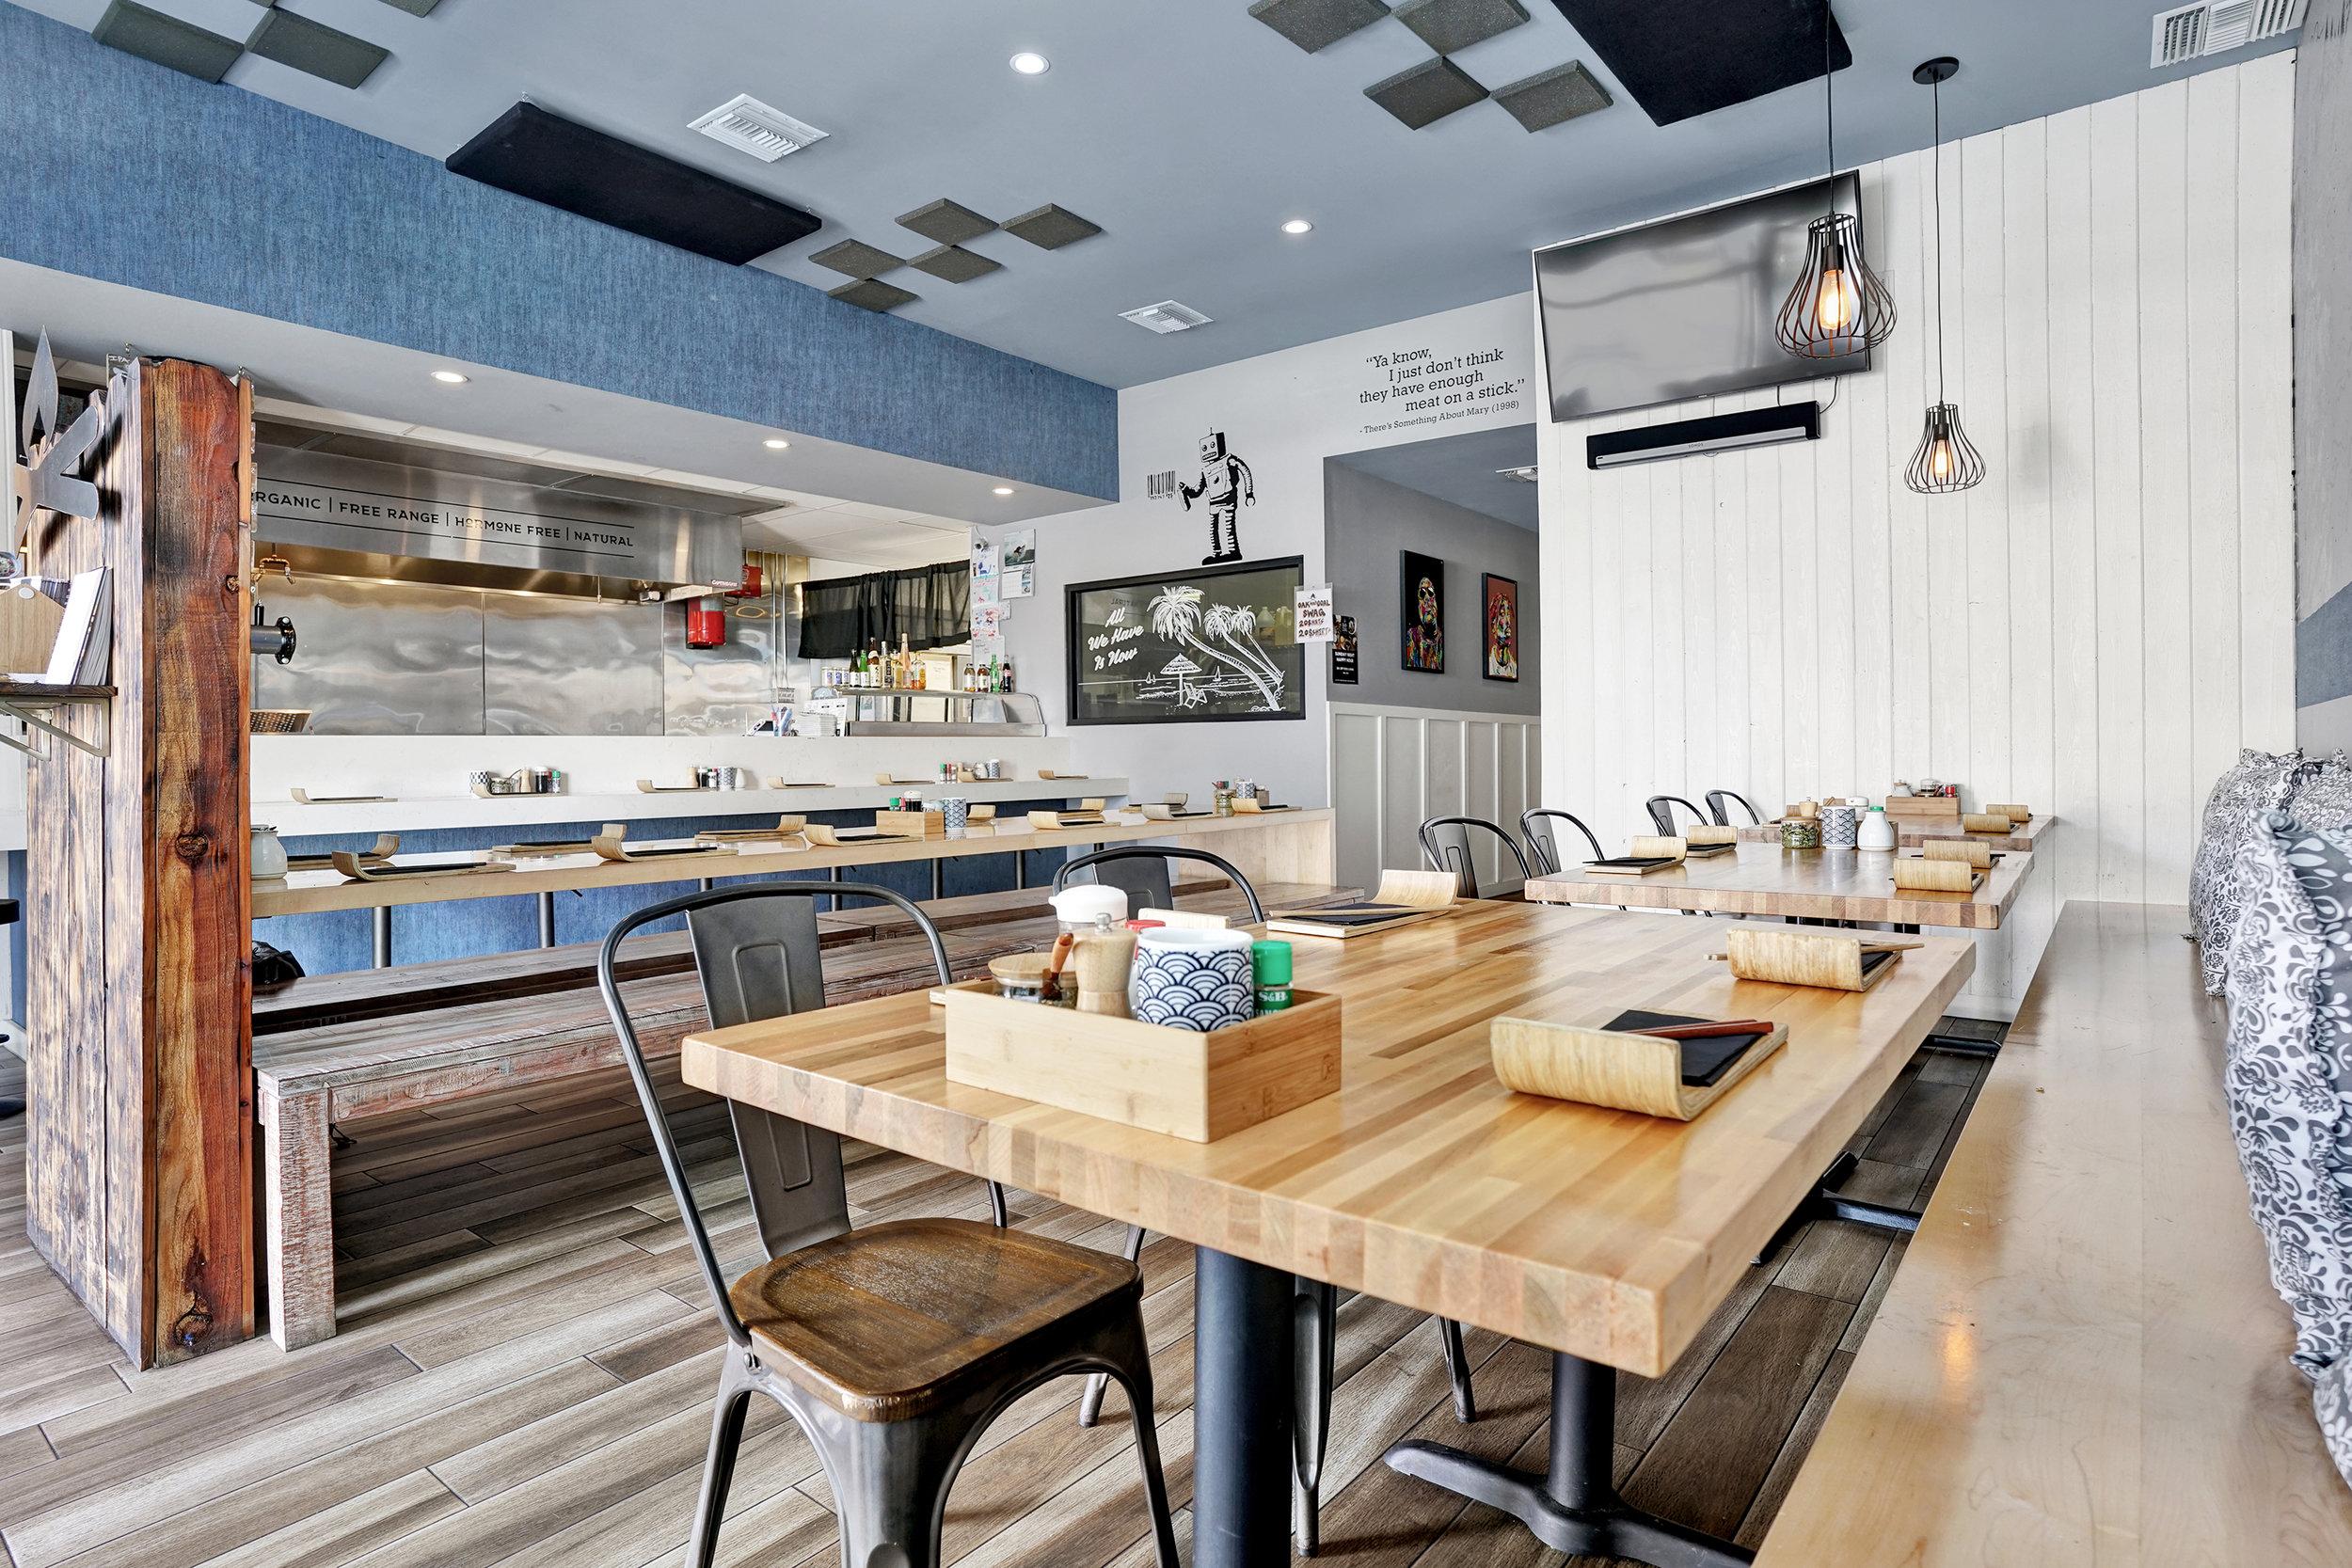 JordenSegraves_OakandCoalRestaurant4.jpg